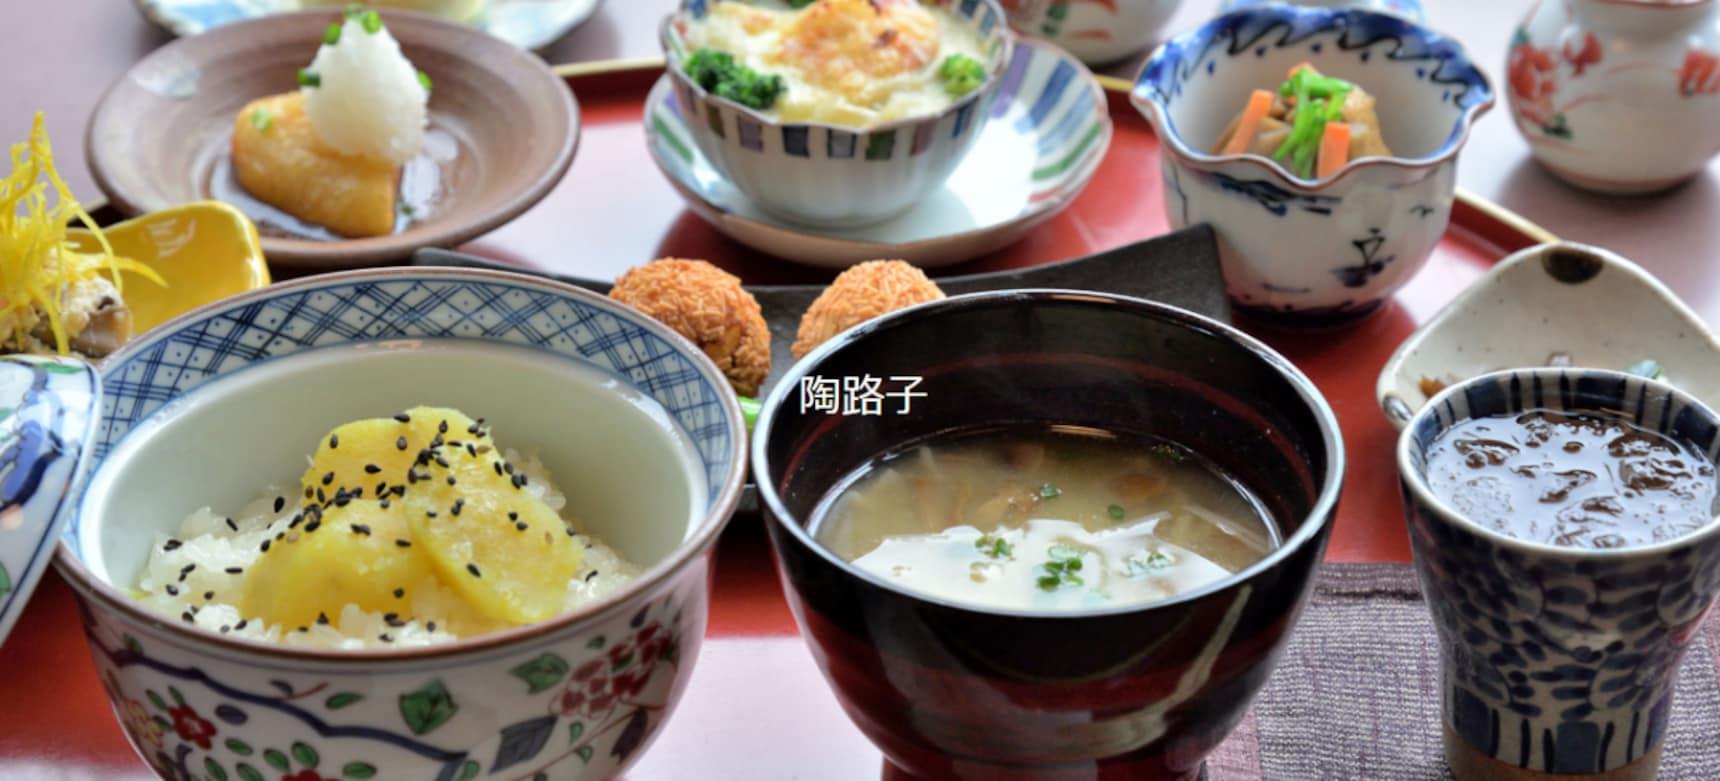 다양한 고구마 음식이 기다리는 도쿄의 옛거리 '코에도'